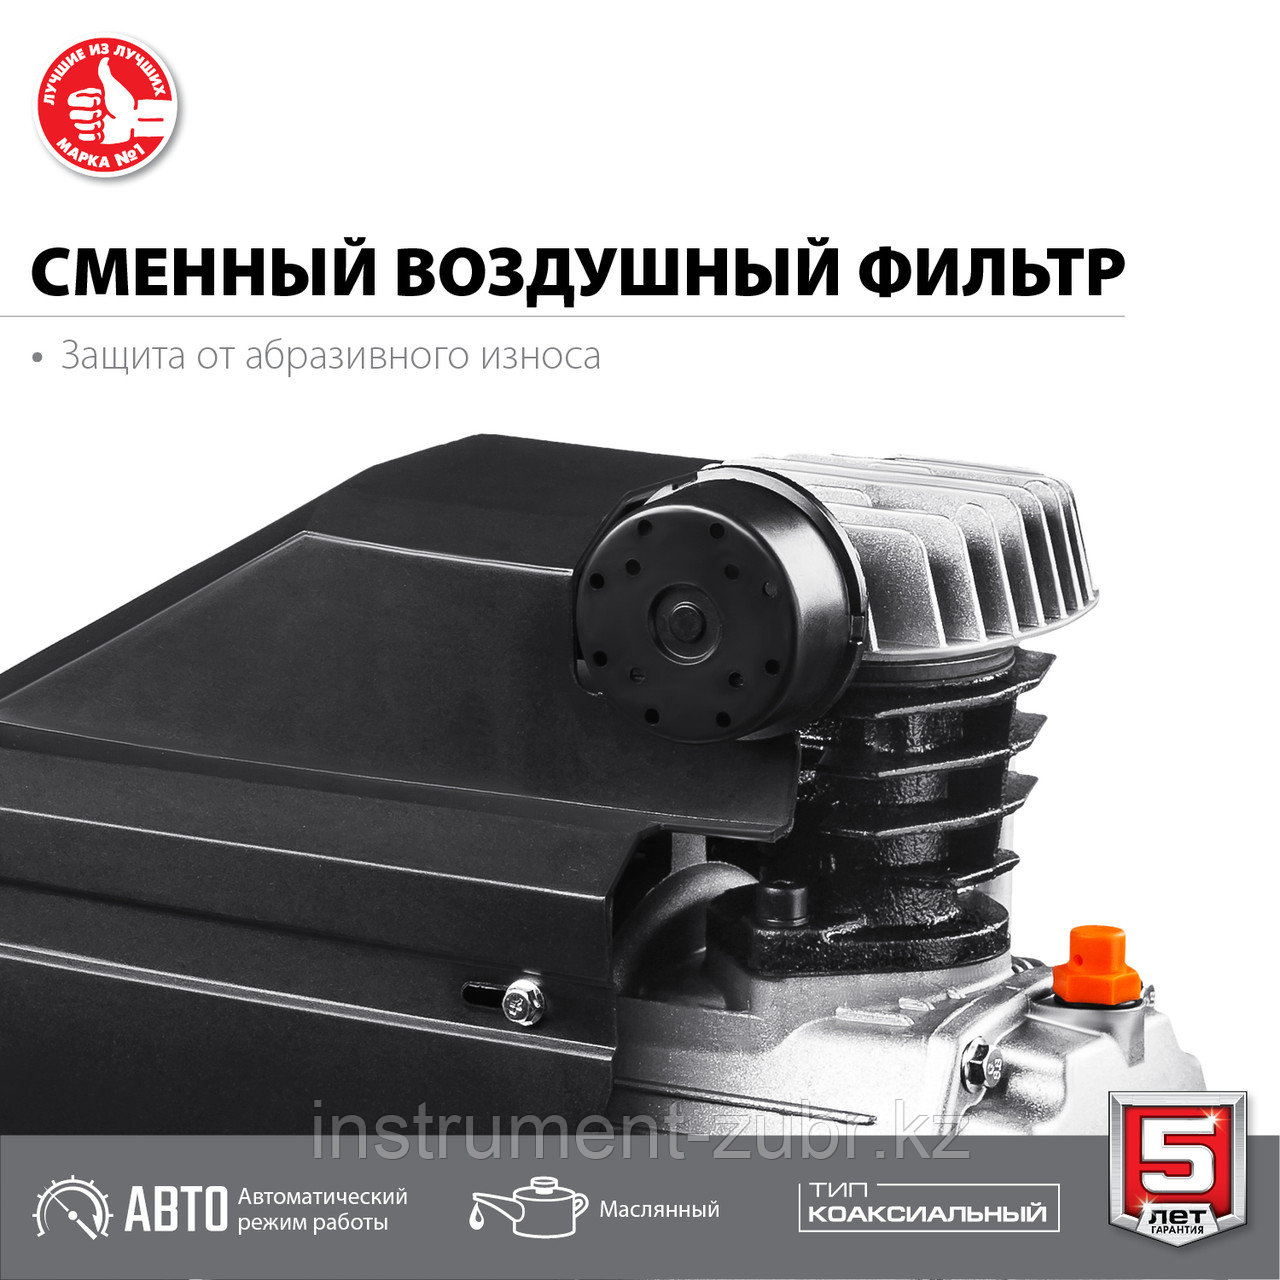 Компрессор воздушный, 240 л/мин, 24 л, 1500 Вт, ЗУБР - фото 5